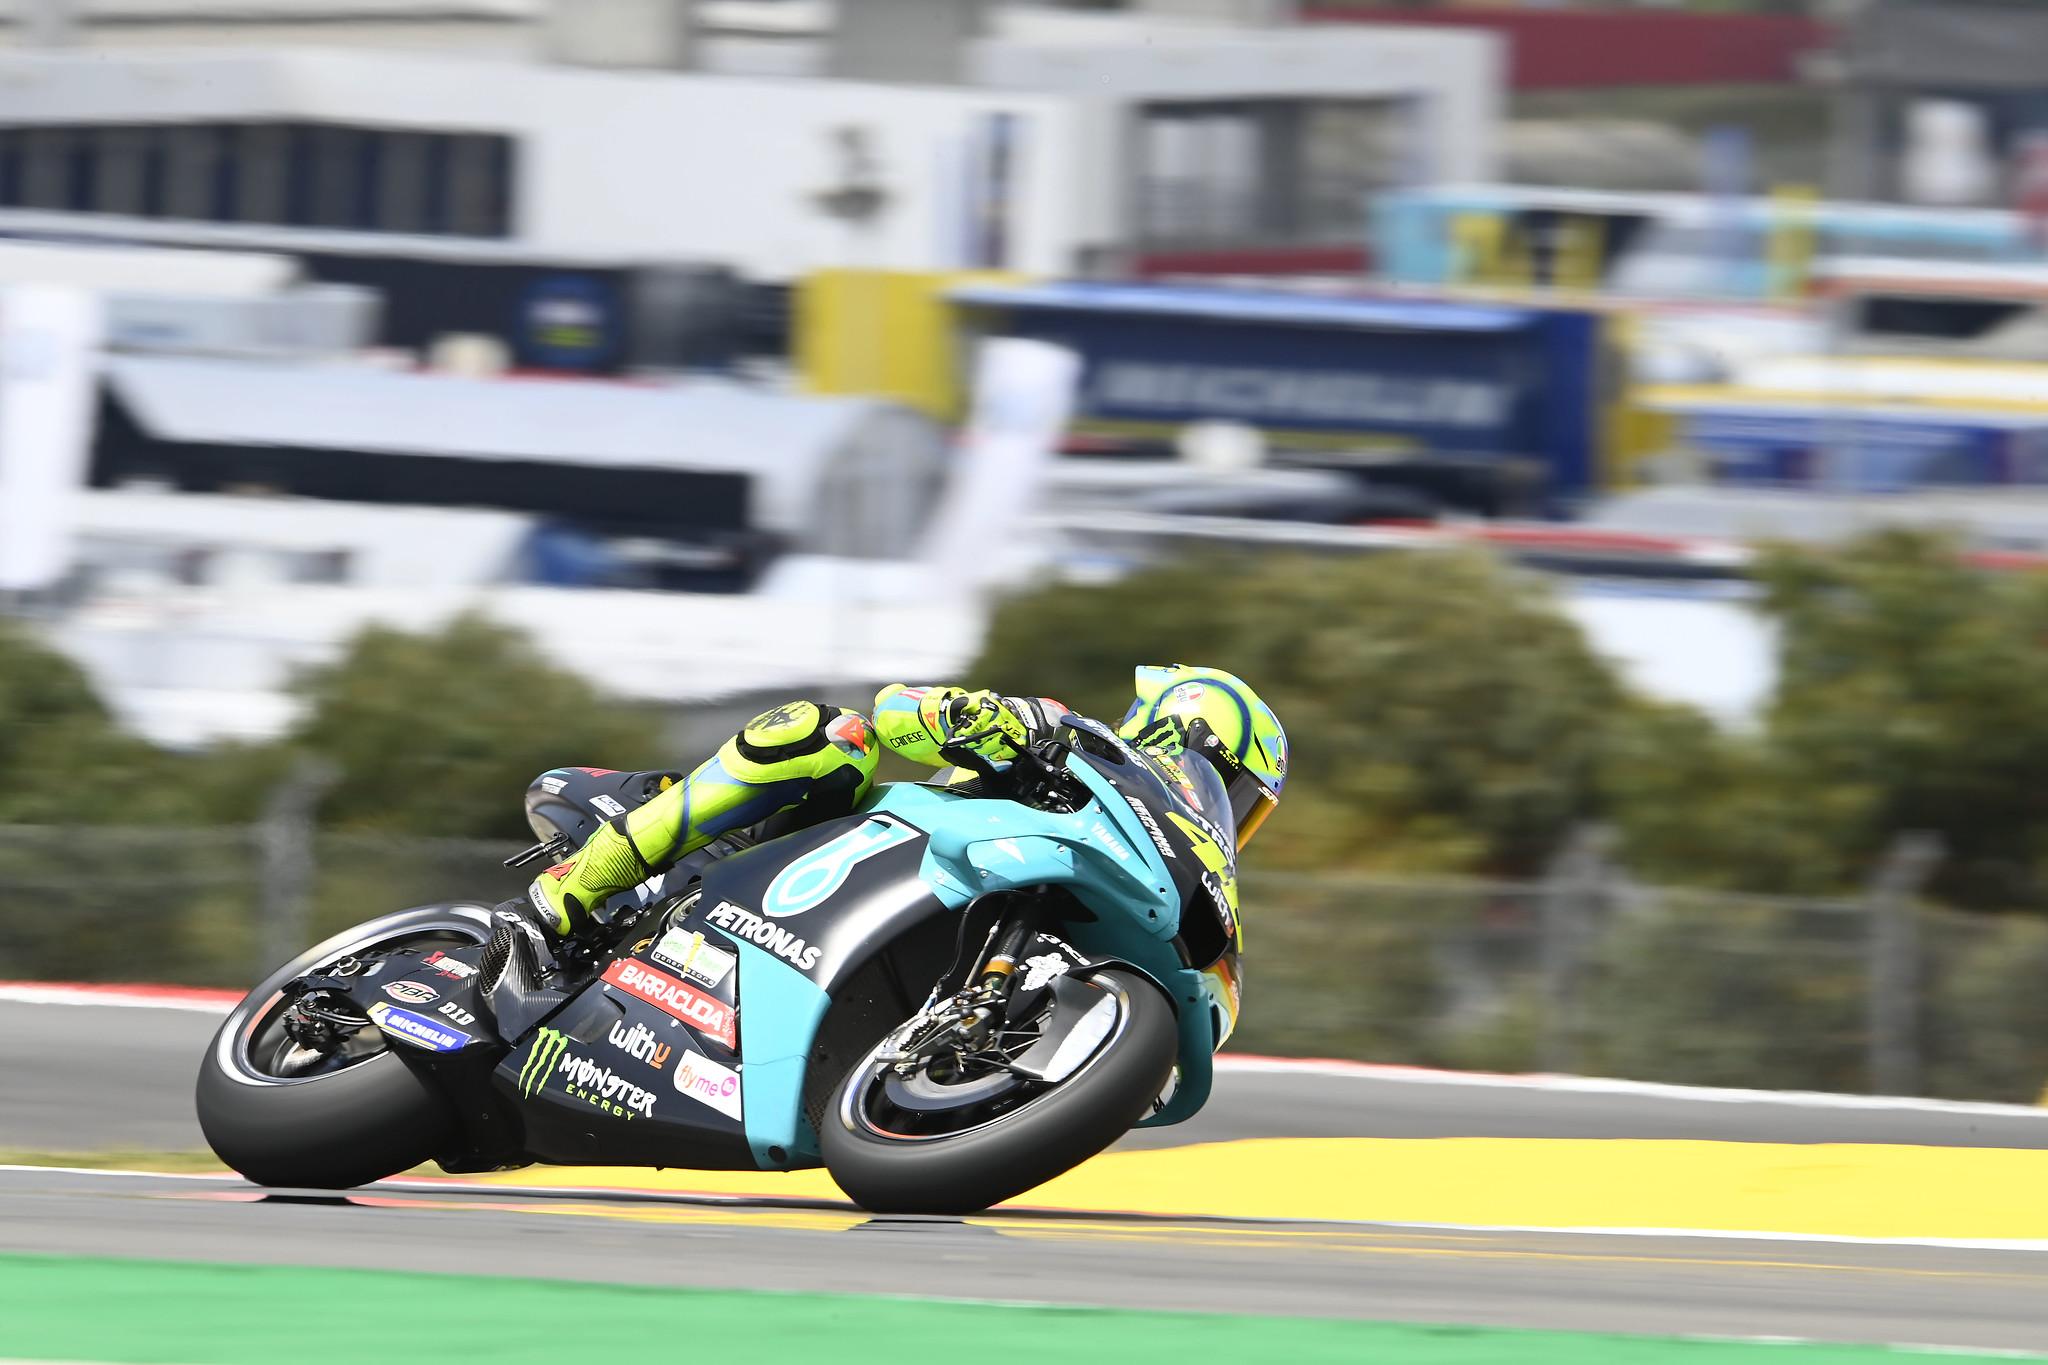 ポルトガルGP 初日15位バレンティーノ・ロッシ「明日はFP3でトップ10獲得が目標」